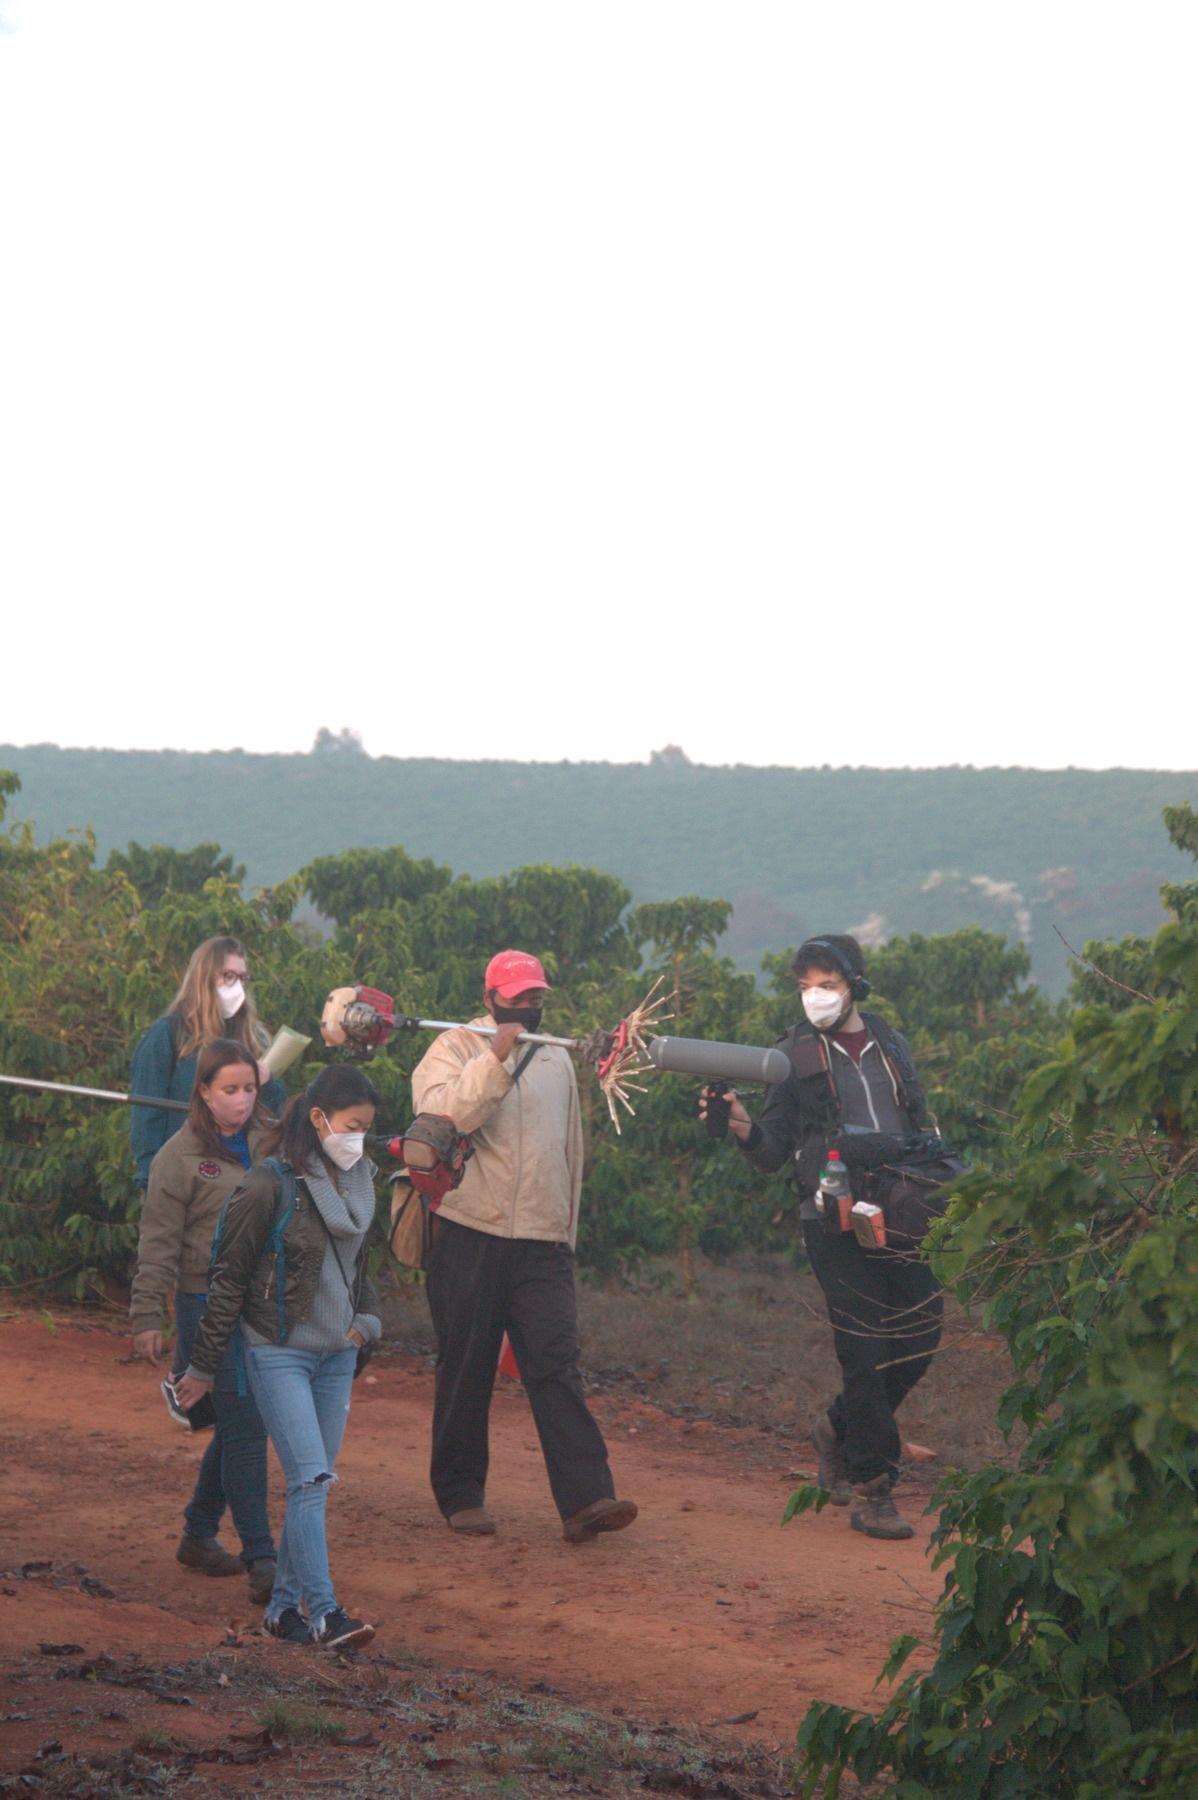 campos-gerais-reporter-brasil--38